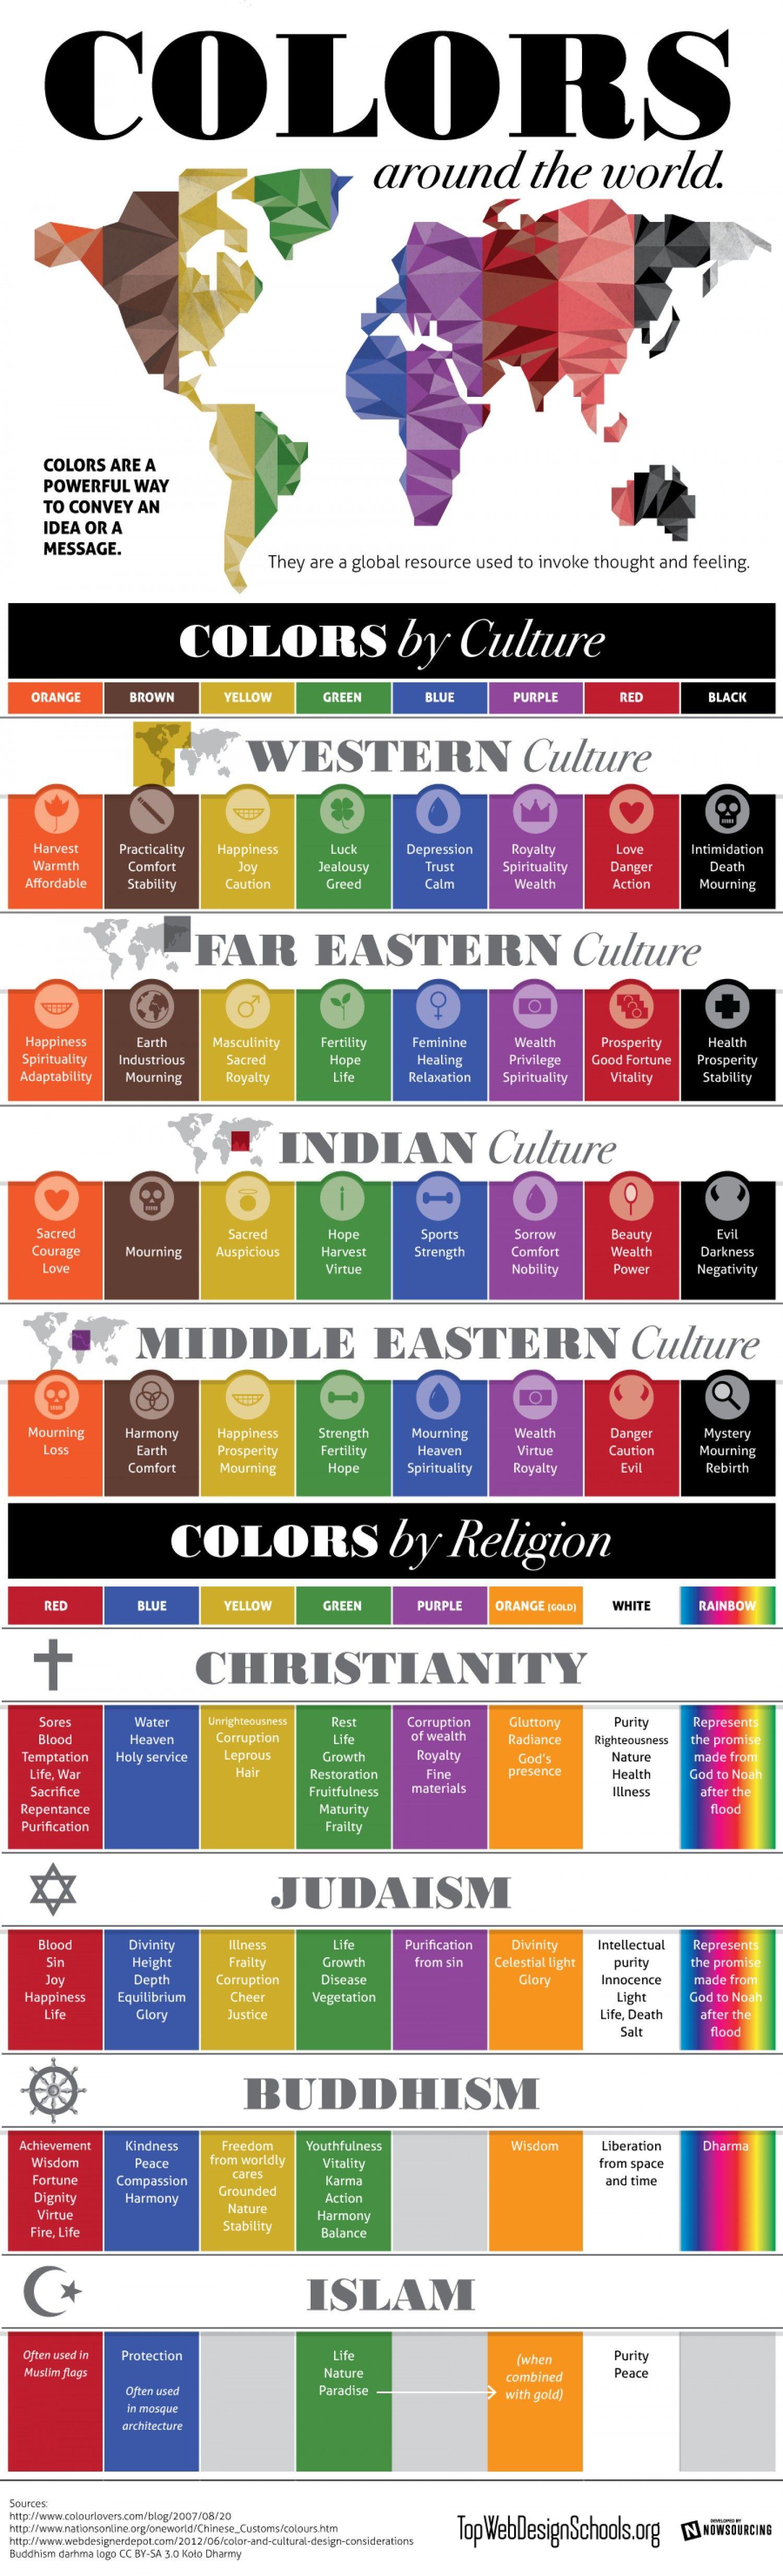 Vad betyder olika färger?